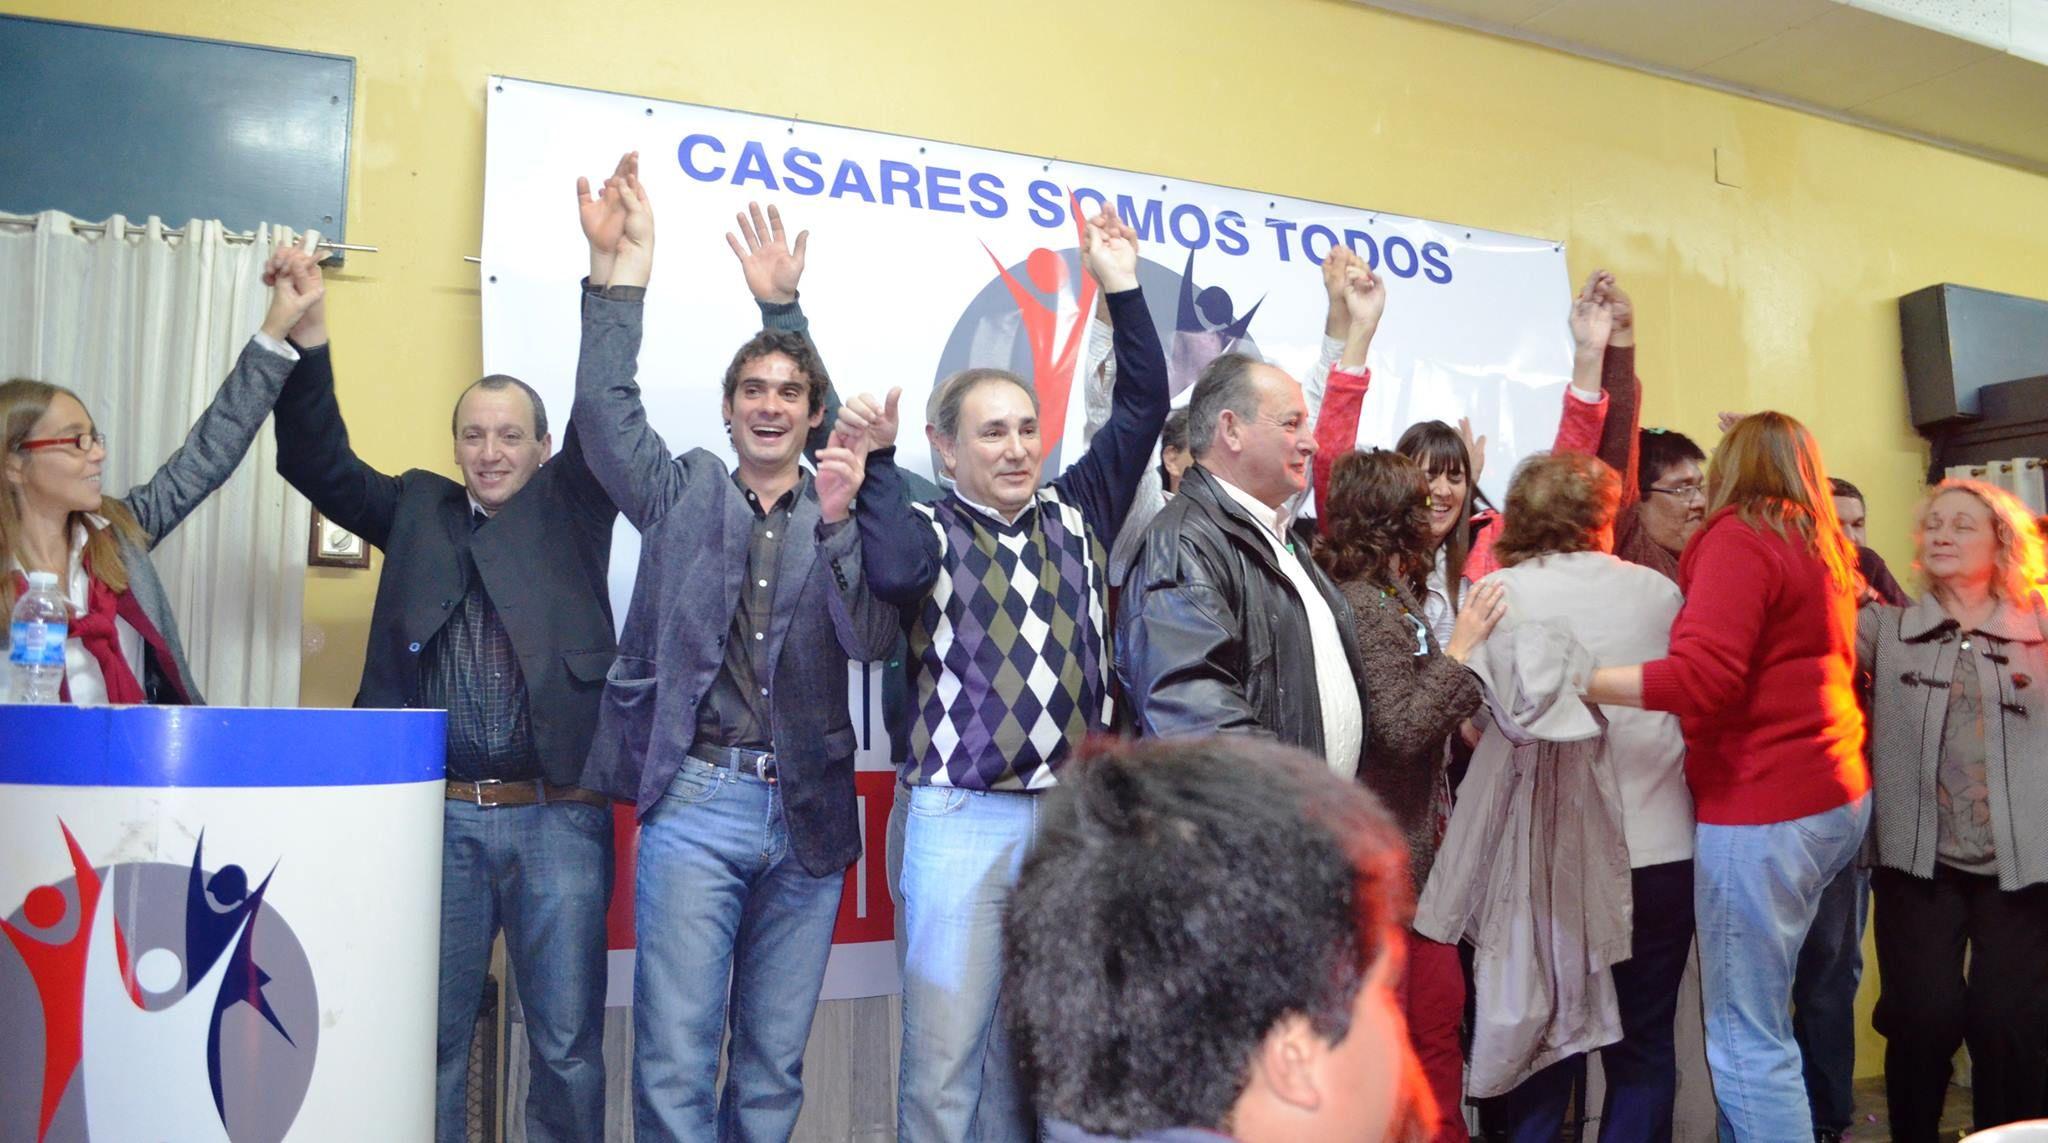 Lanzamiento del Frente Progresista Civico y Social de Carlos Casares